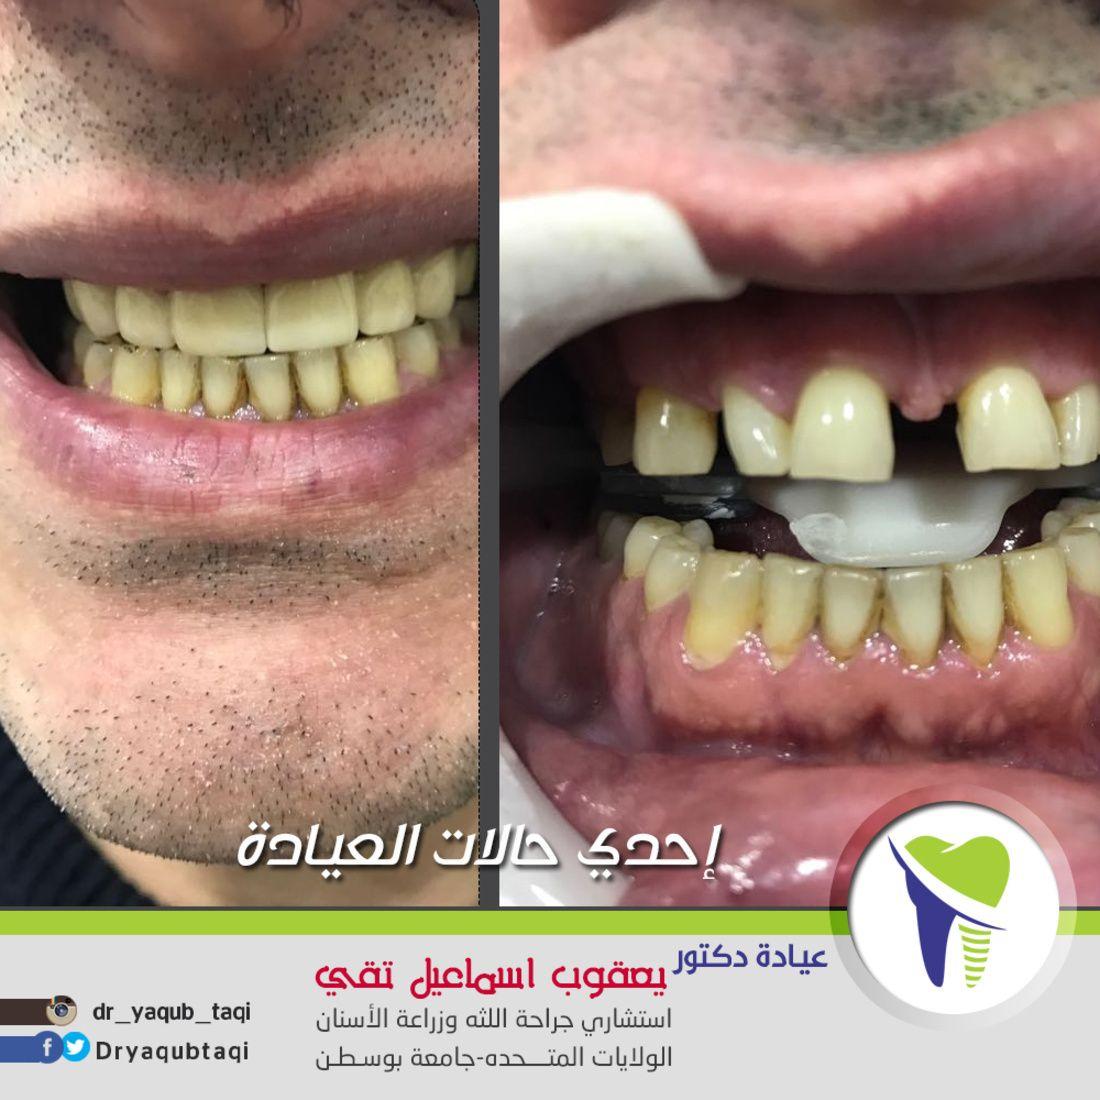 زراعه الأسنان تمنحك اسنان صحية قوية وتمنحك إبتسامة طبيعية يوجد تقسيط عن طريق بيت التمويل الكويتي عيادة دكتور يعقو Live Lokai Bracelet Lokai Bracelet Bracelets